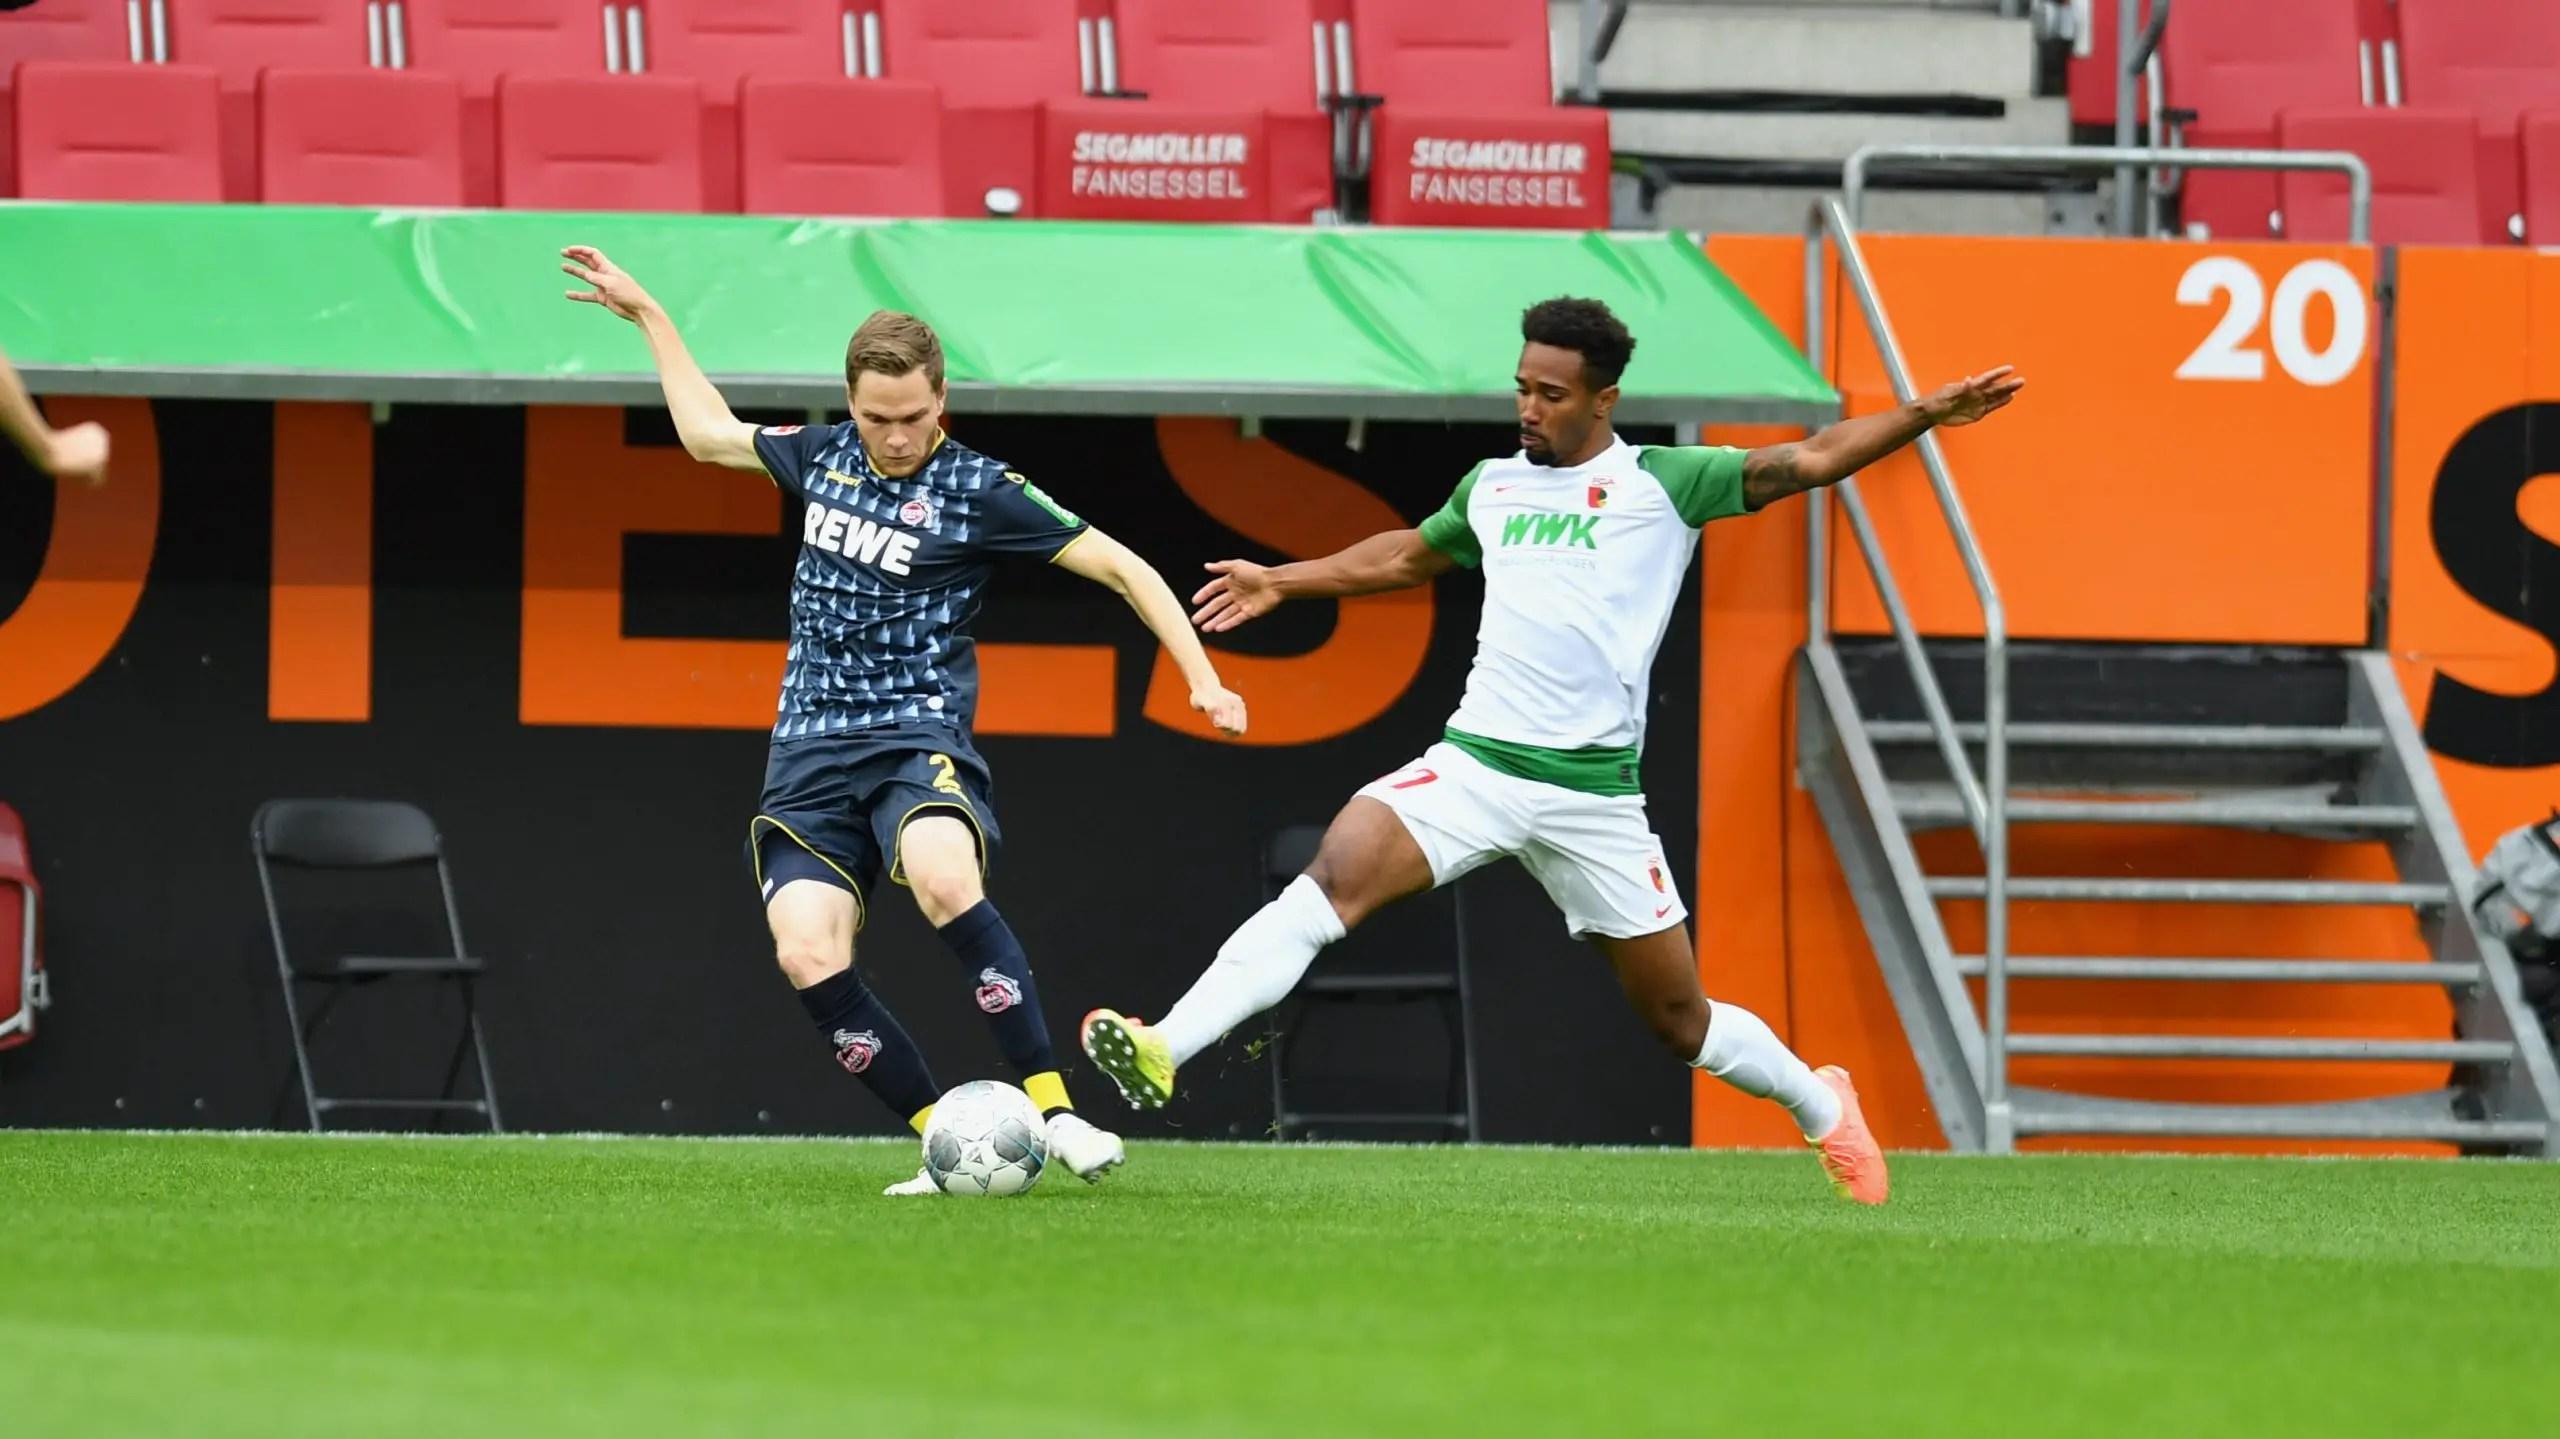 Photo of Sarenren-Bazee Nominated For Augsburg's Man Of The Match Award